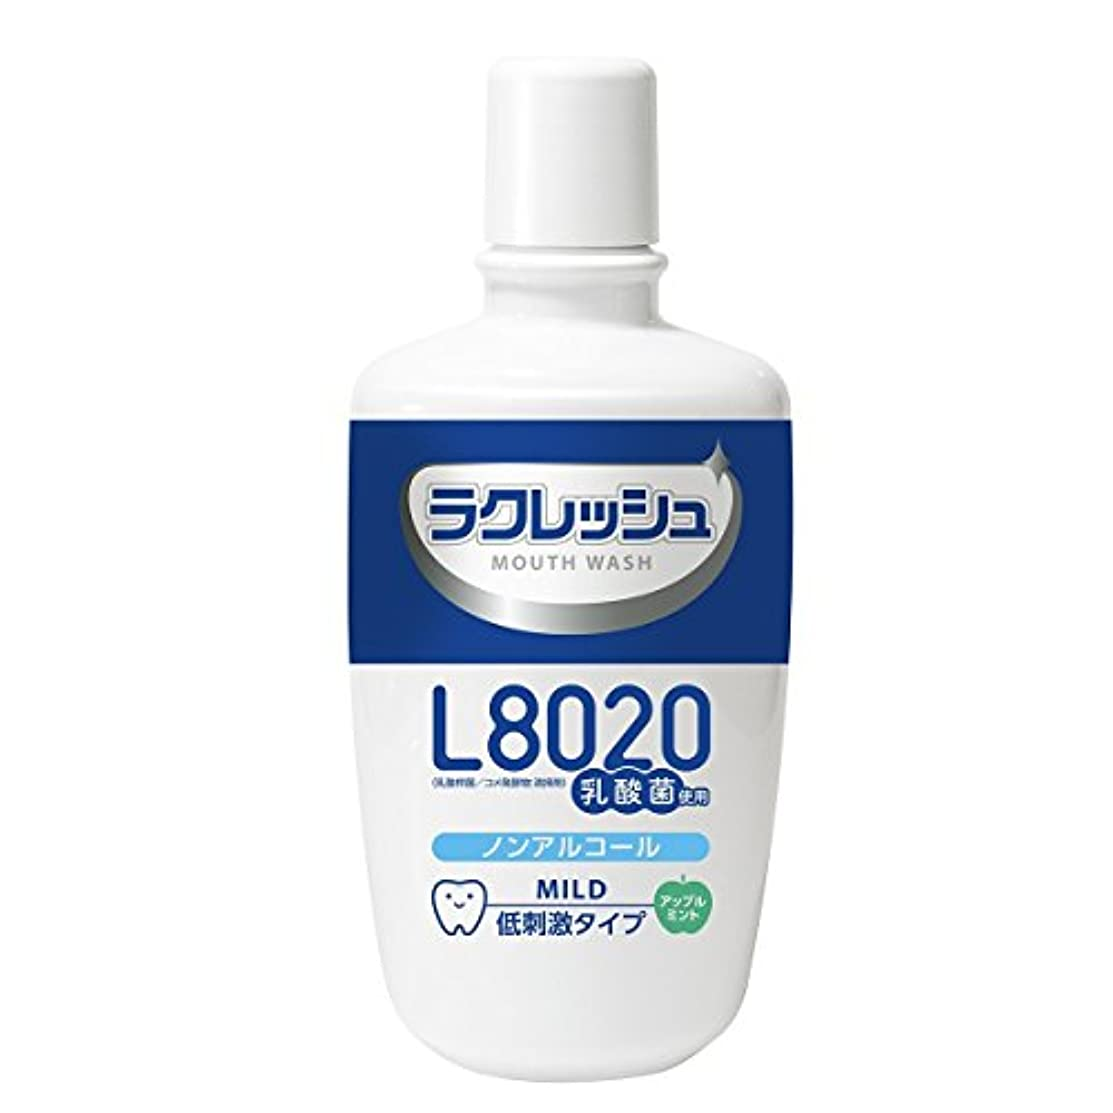 見積りアーサーコナンドイルレインコートラクレッシュ L8020菌 マウスウォッシュ 6本セット